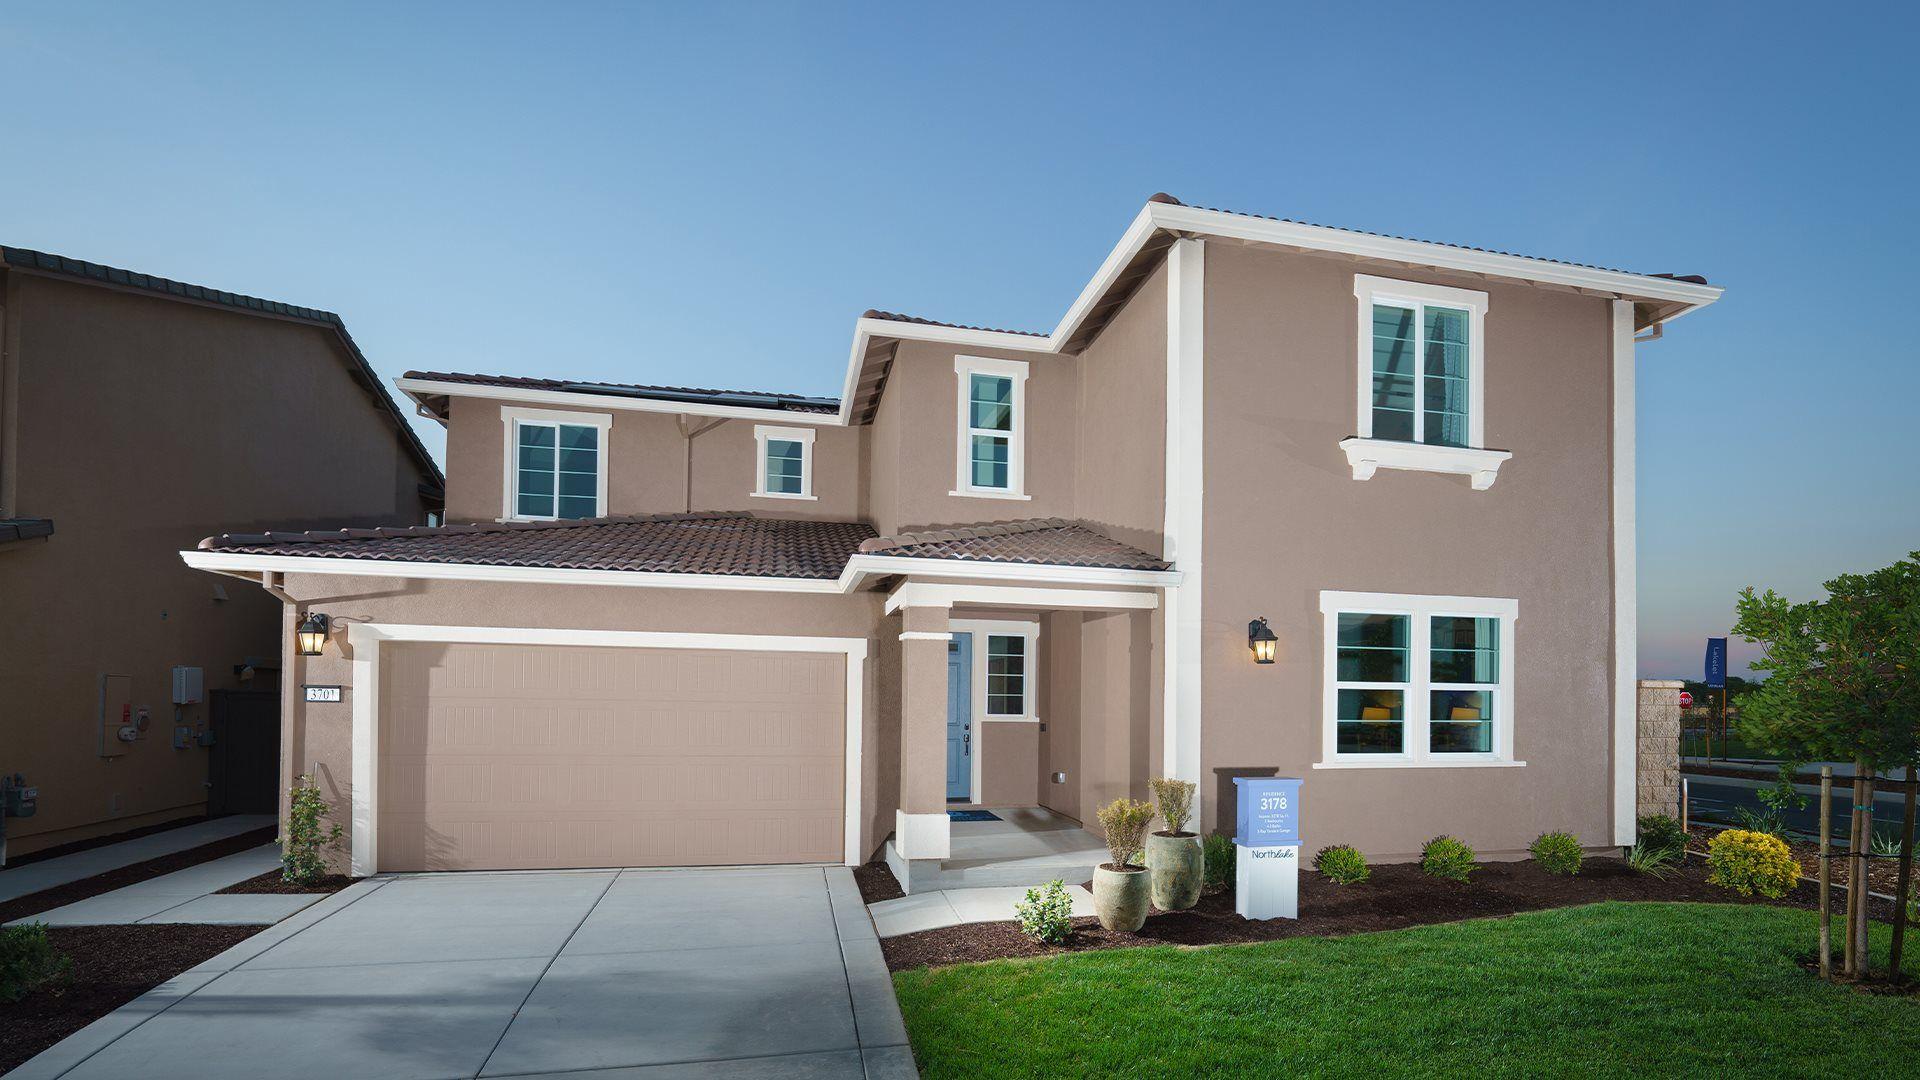 Residence 3178   Model Home